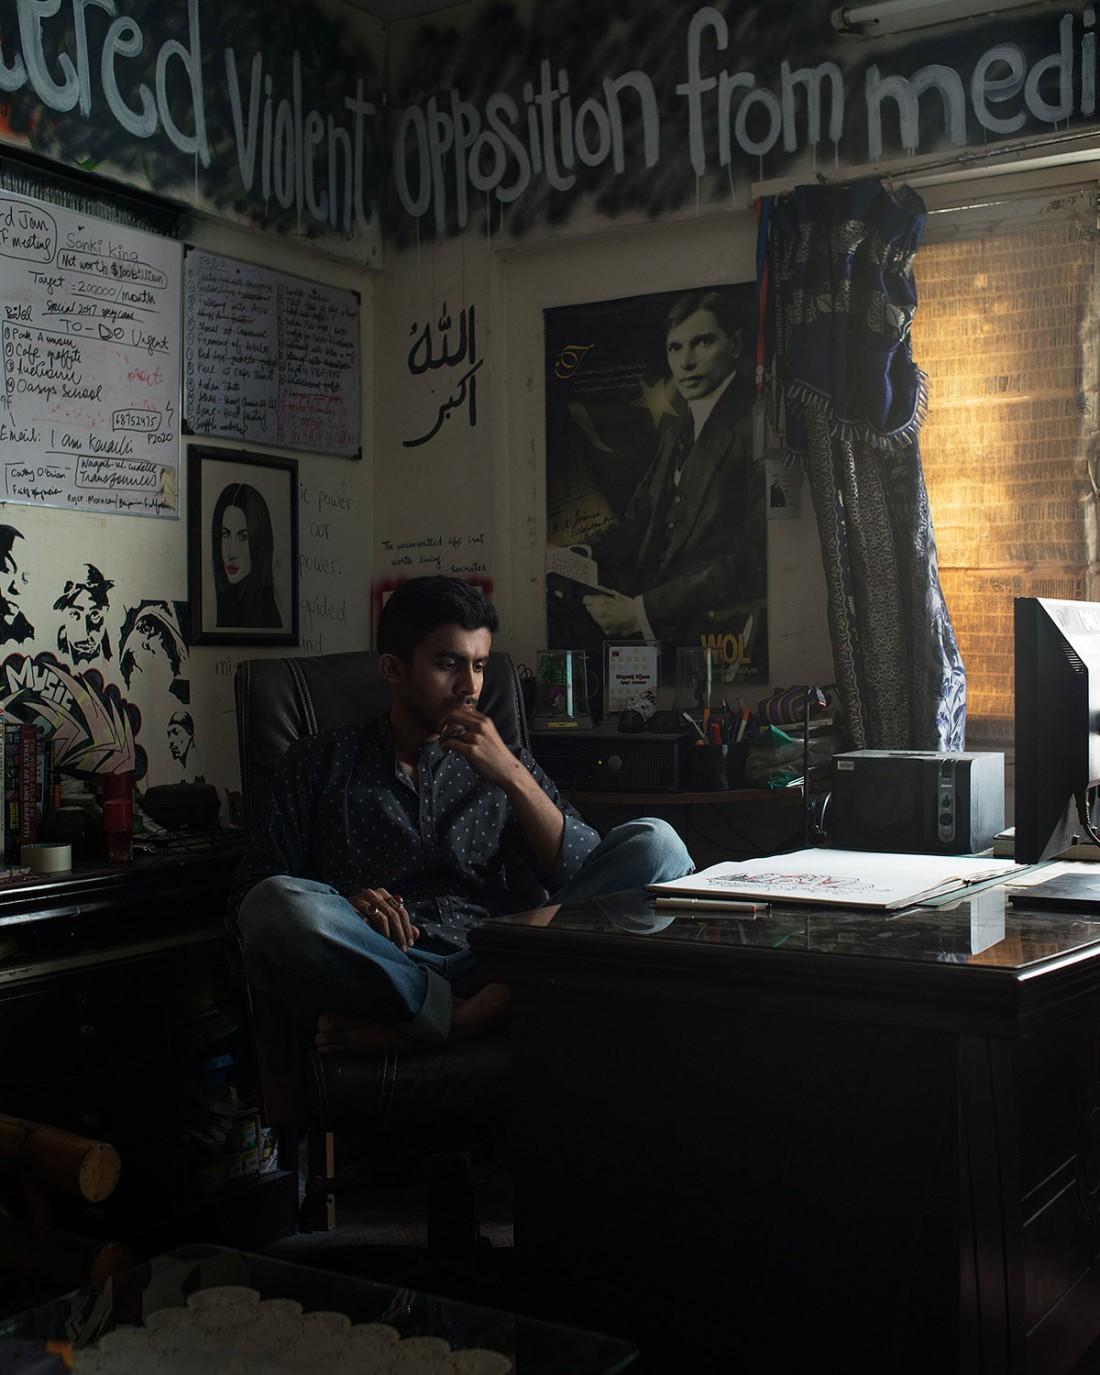 Der Graffitikünstler Sanki in seinem Schlafzimmer, Atelier und Büro in North Nazimabad, Karachi, Pakistan 2016 (Photo: Pablo Lauf)